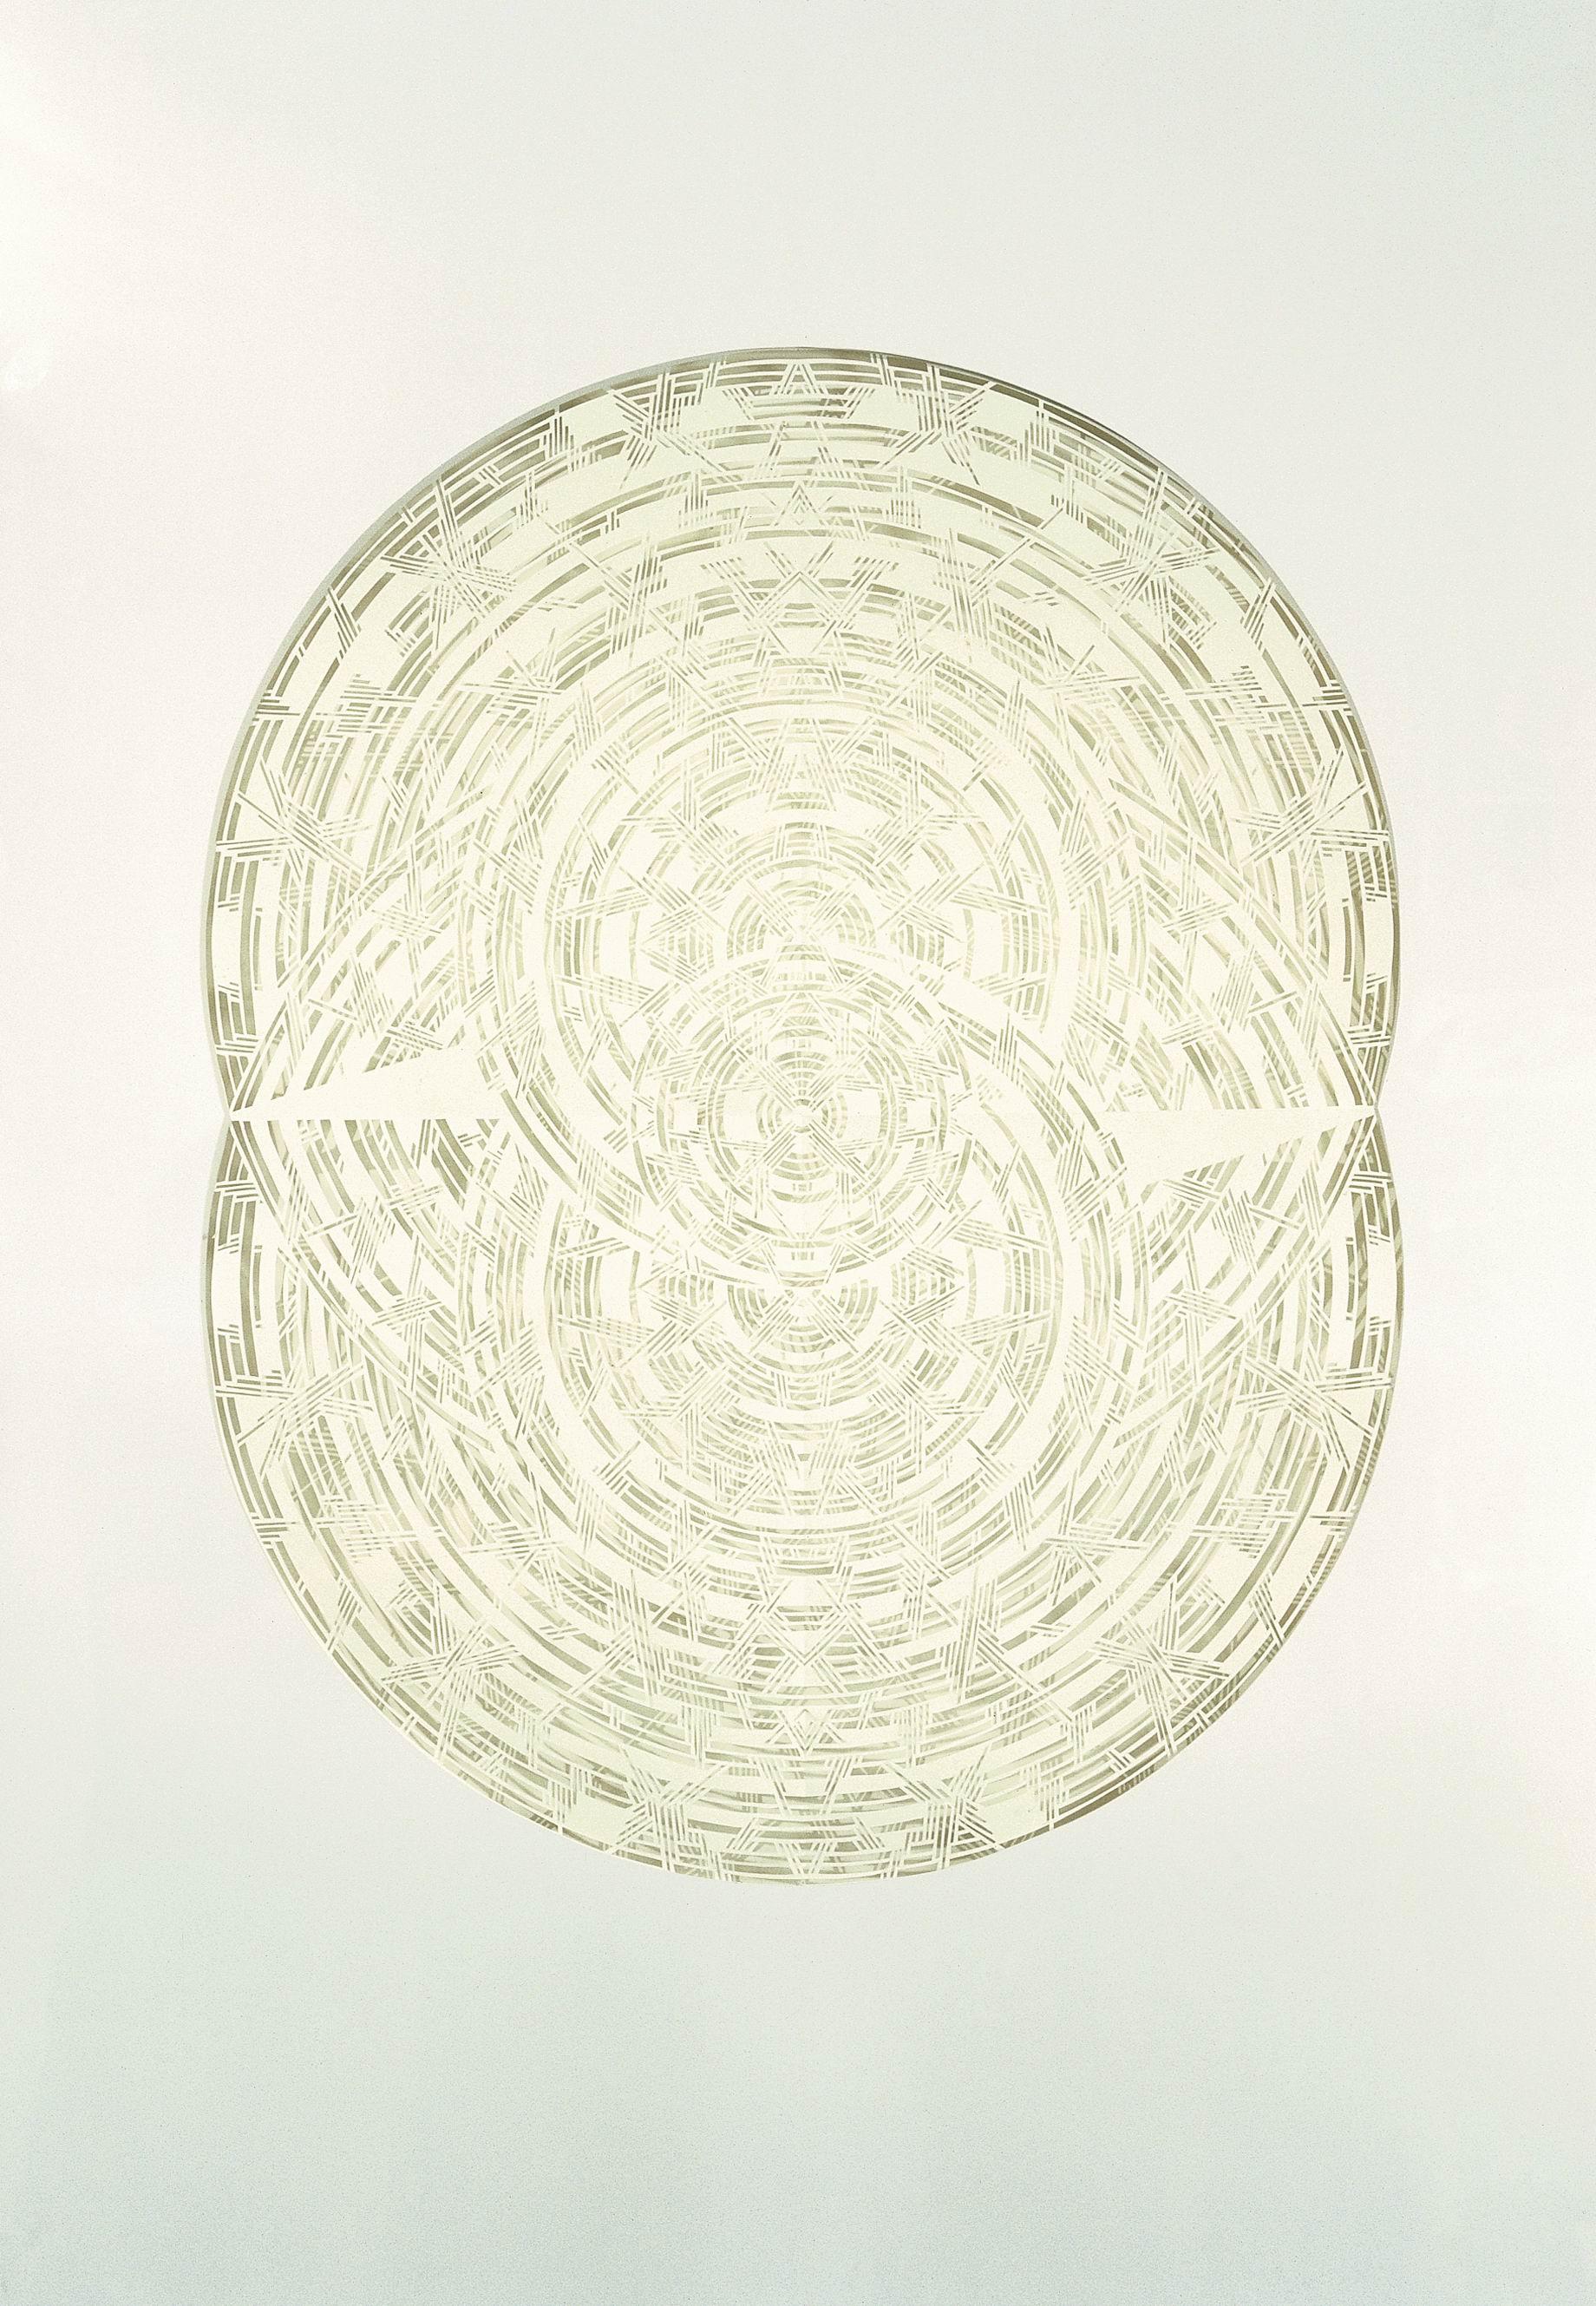 Олена Турянська. Безмежність ІІІ-V, 2006; папір, витинання, 100х70